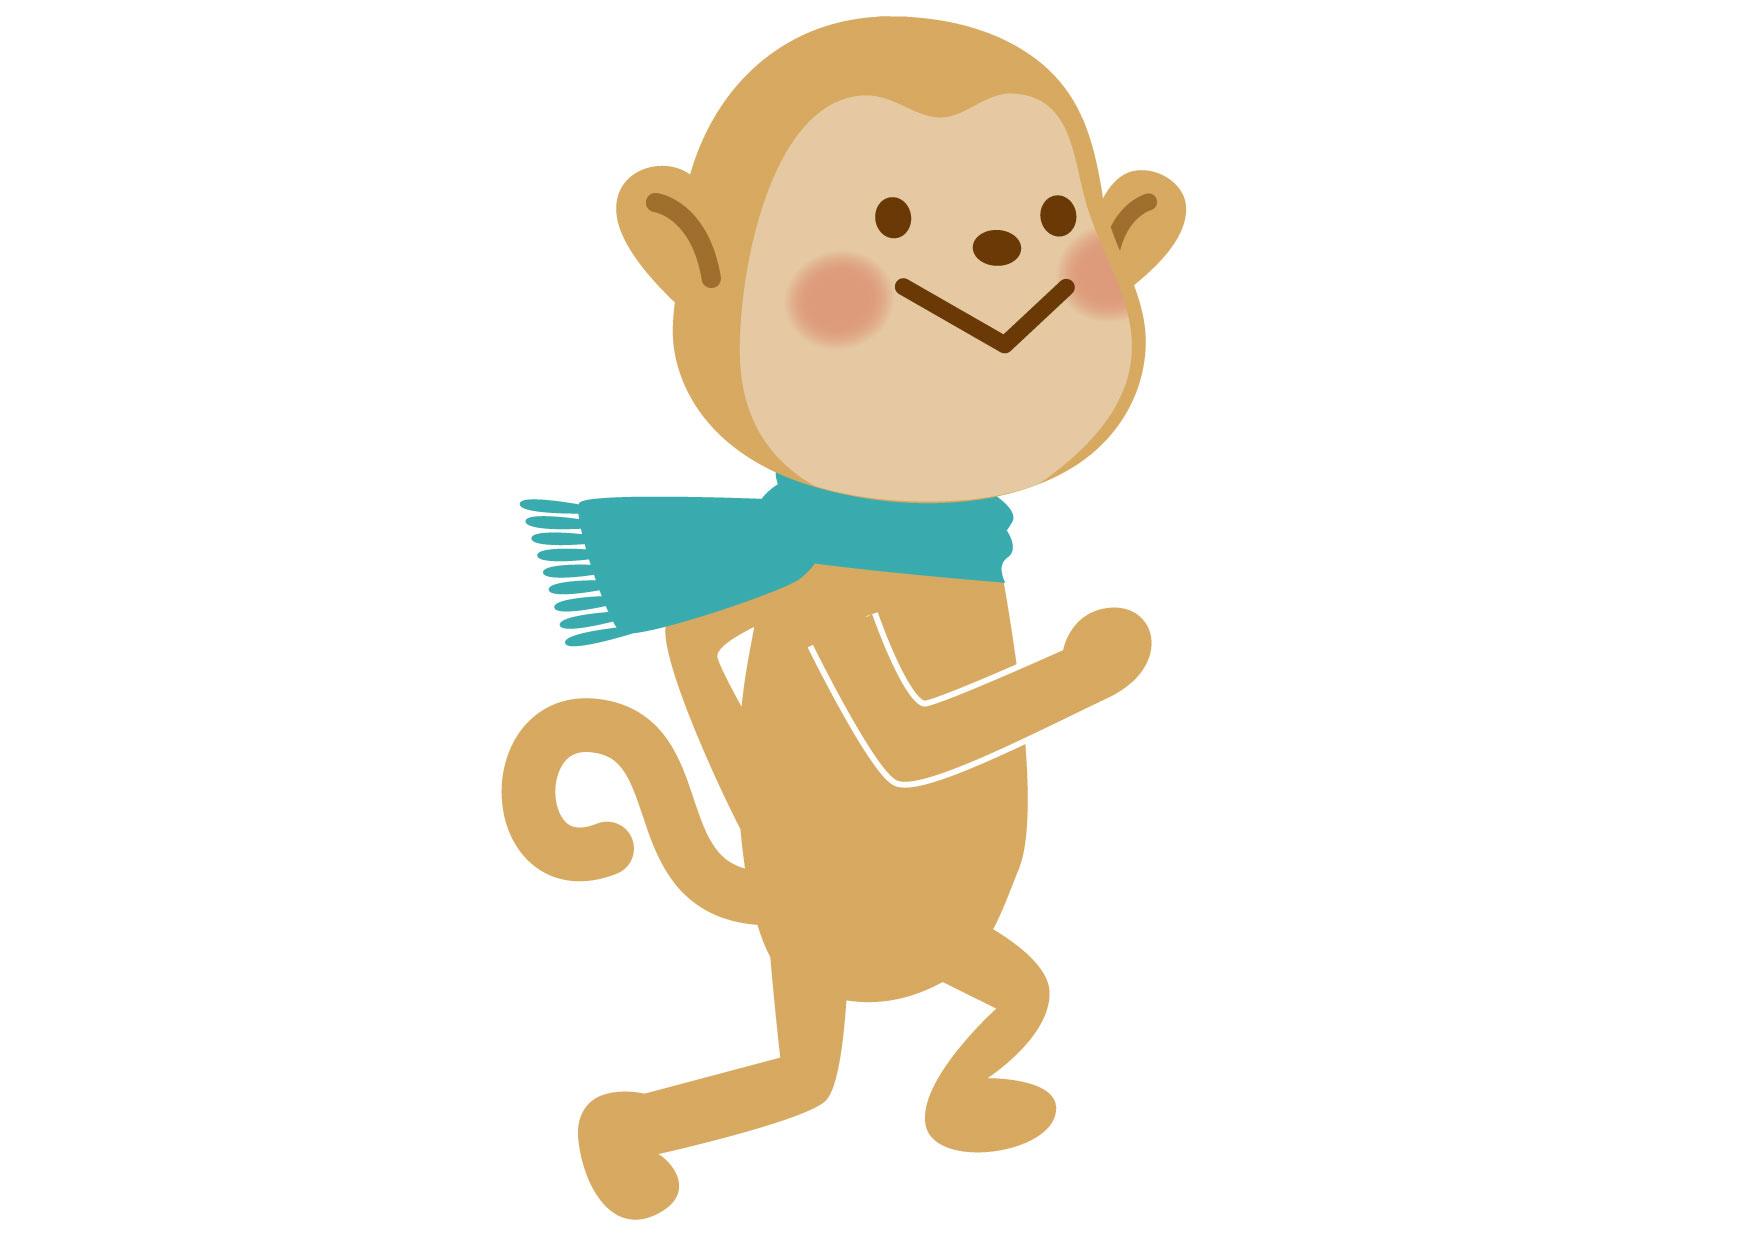 猿 子供1 イラスト 無料 | イラストダウンロード